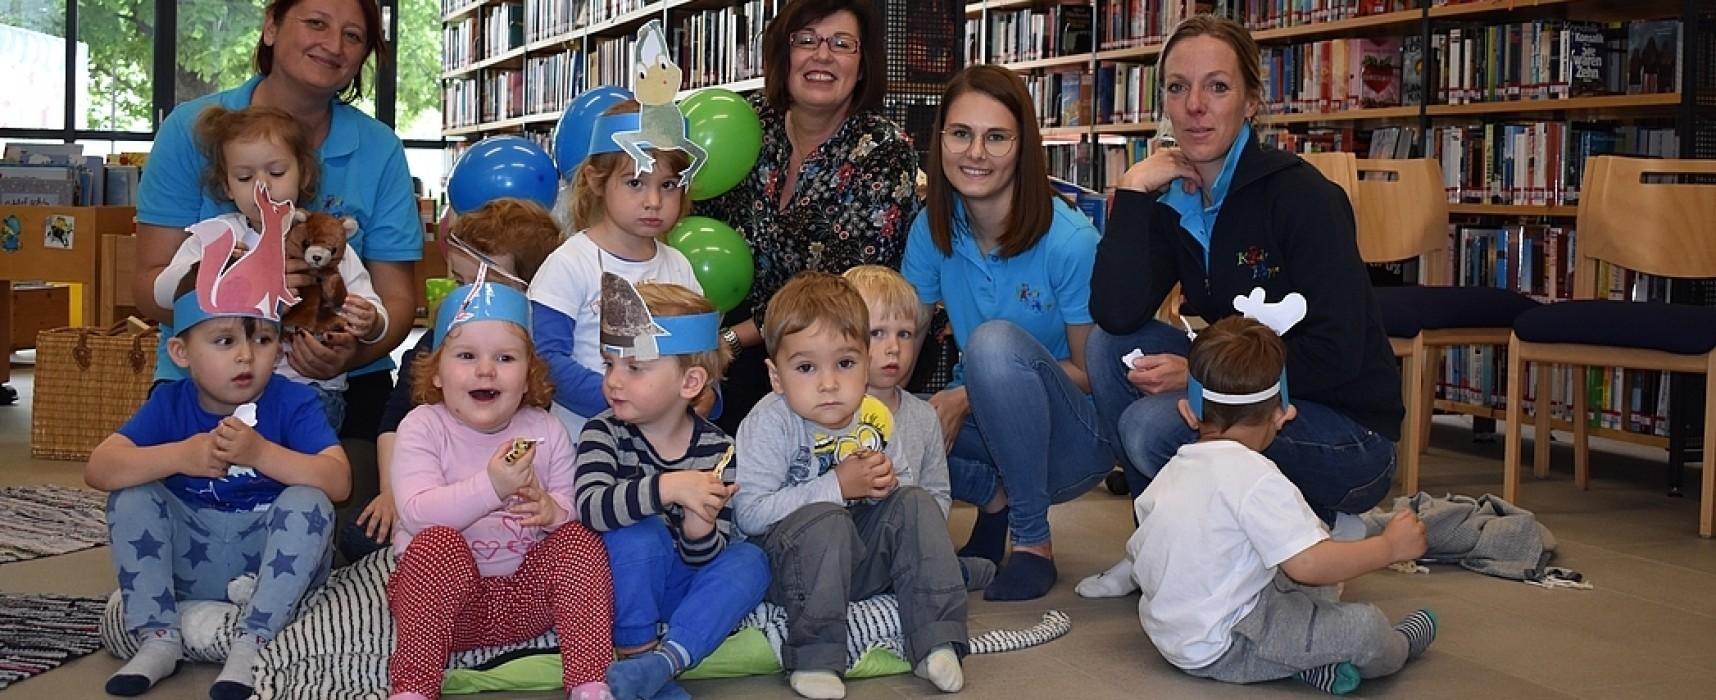 Kinderkrippenkinder in der Bibliothek